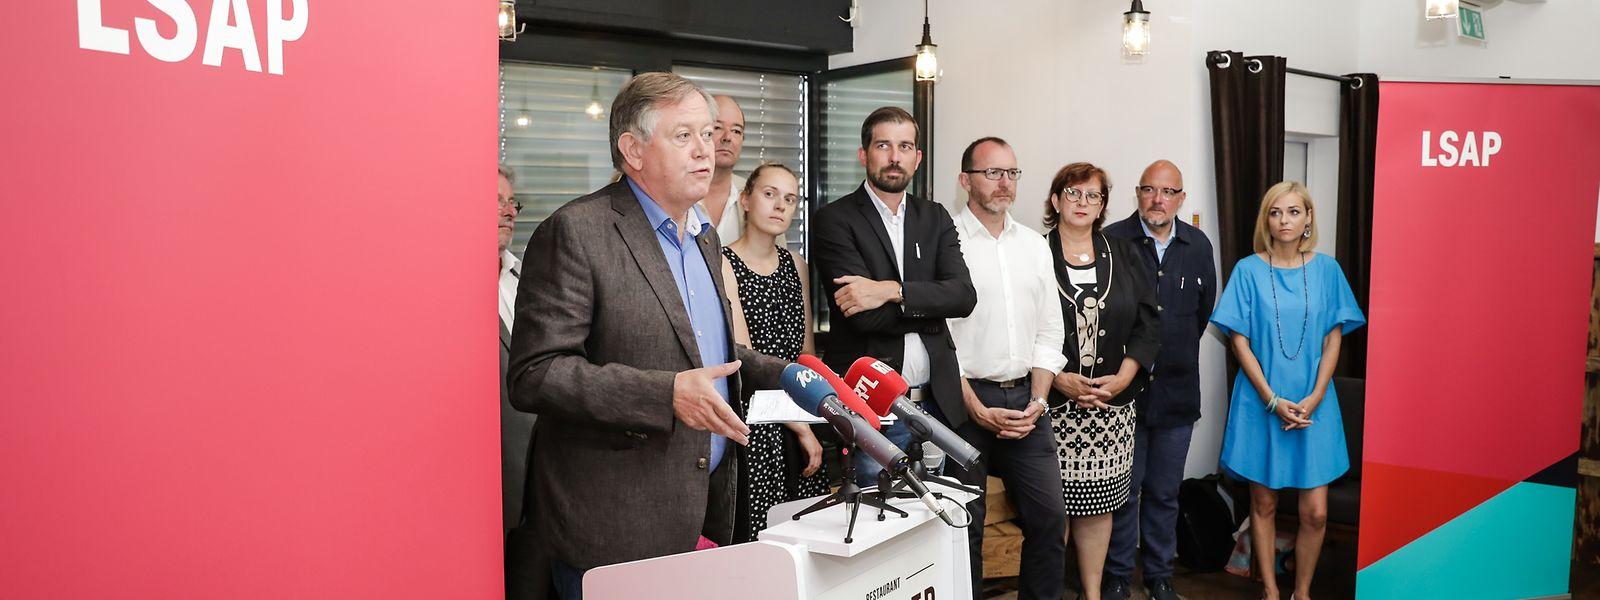 LSAP-Fraktionschef Alex Bodry zieht eine positive Bilanz in Bezug auf die Arbeit seiner Partei und übt Kritik an der CSV.